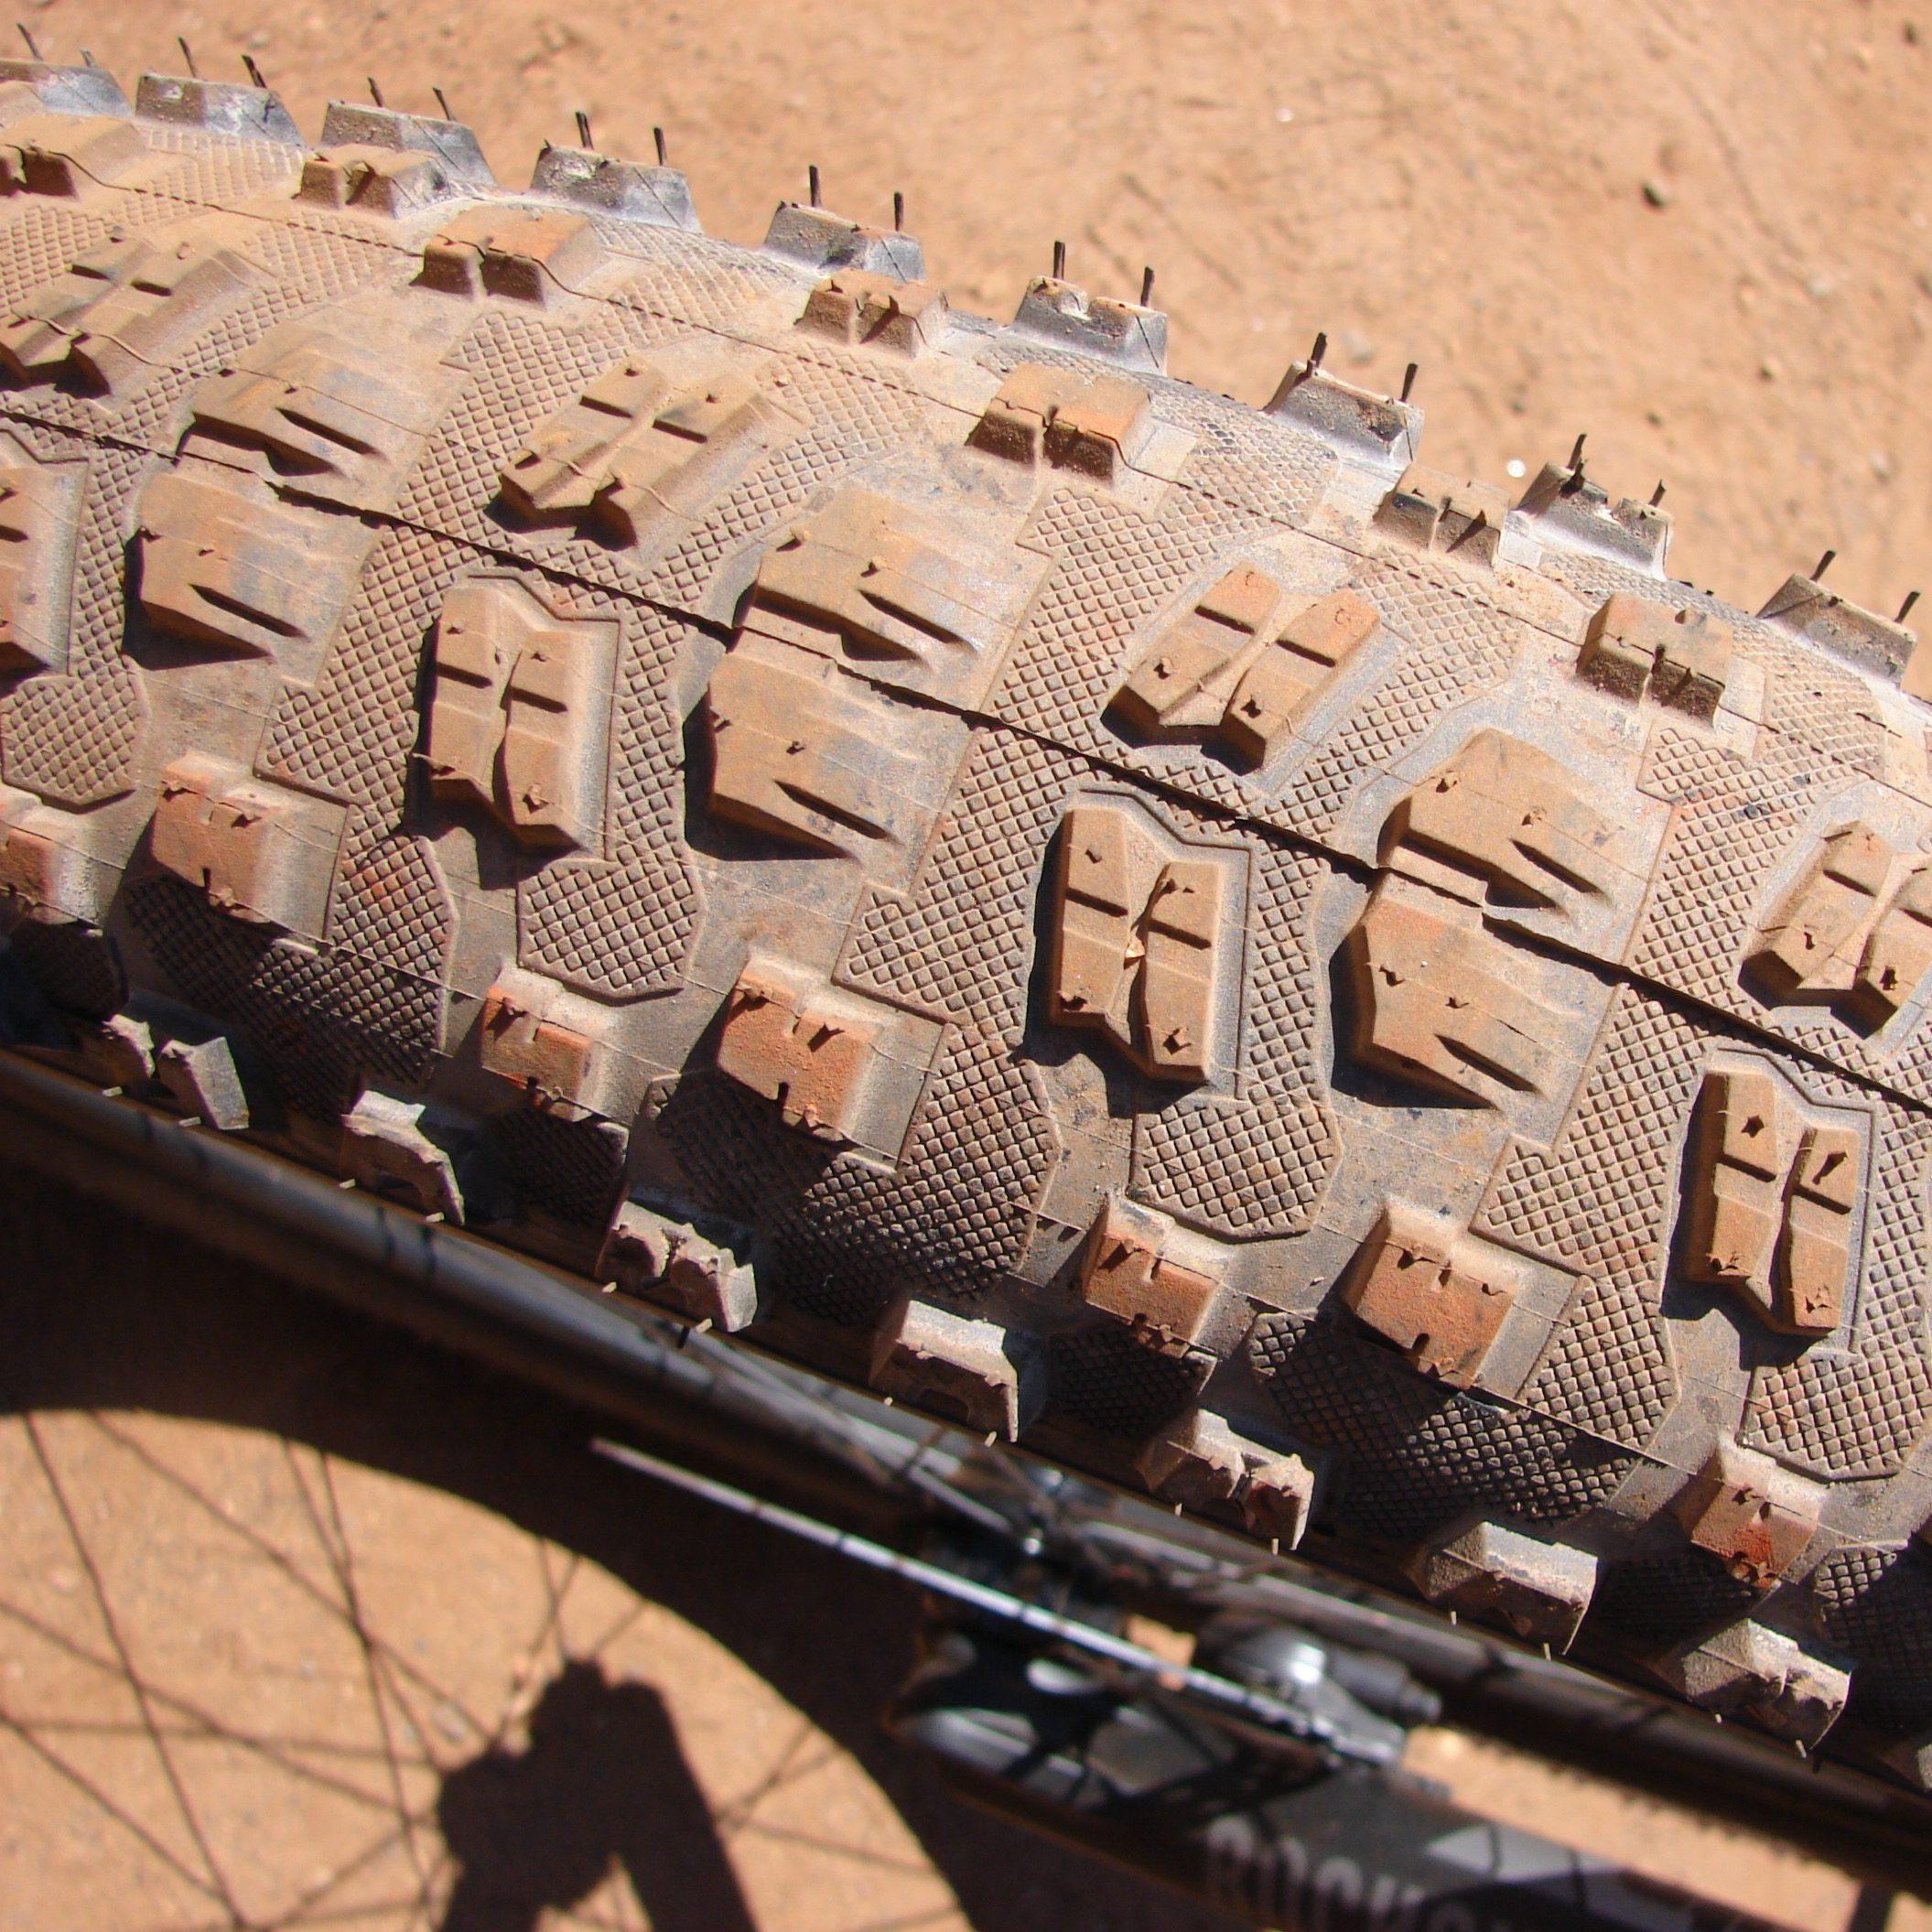 Mesabi Iron Range takes action on mountain bike trails Minnesota Brown